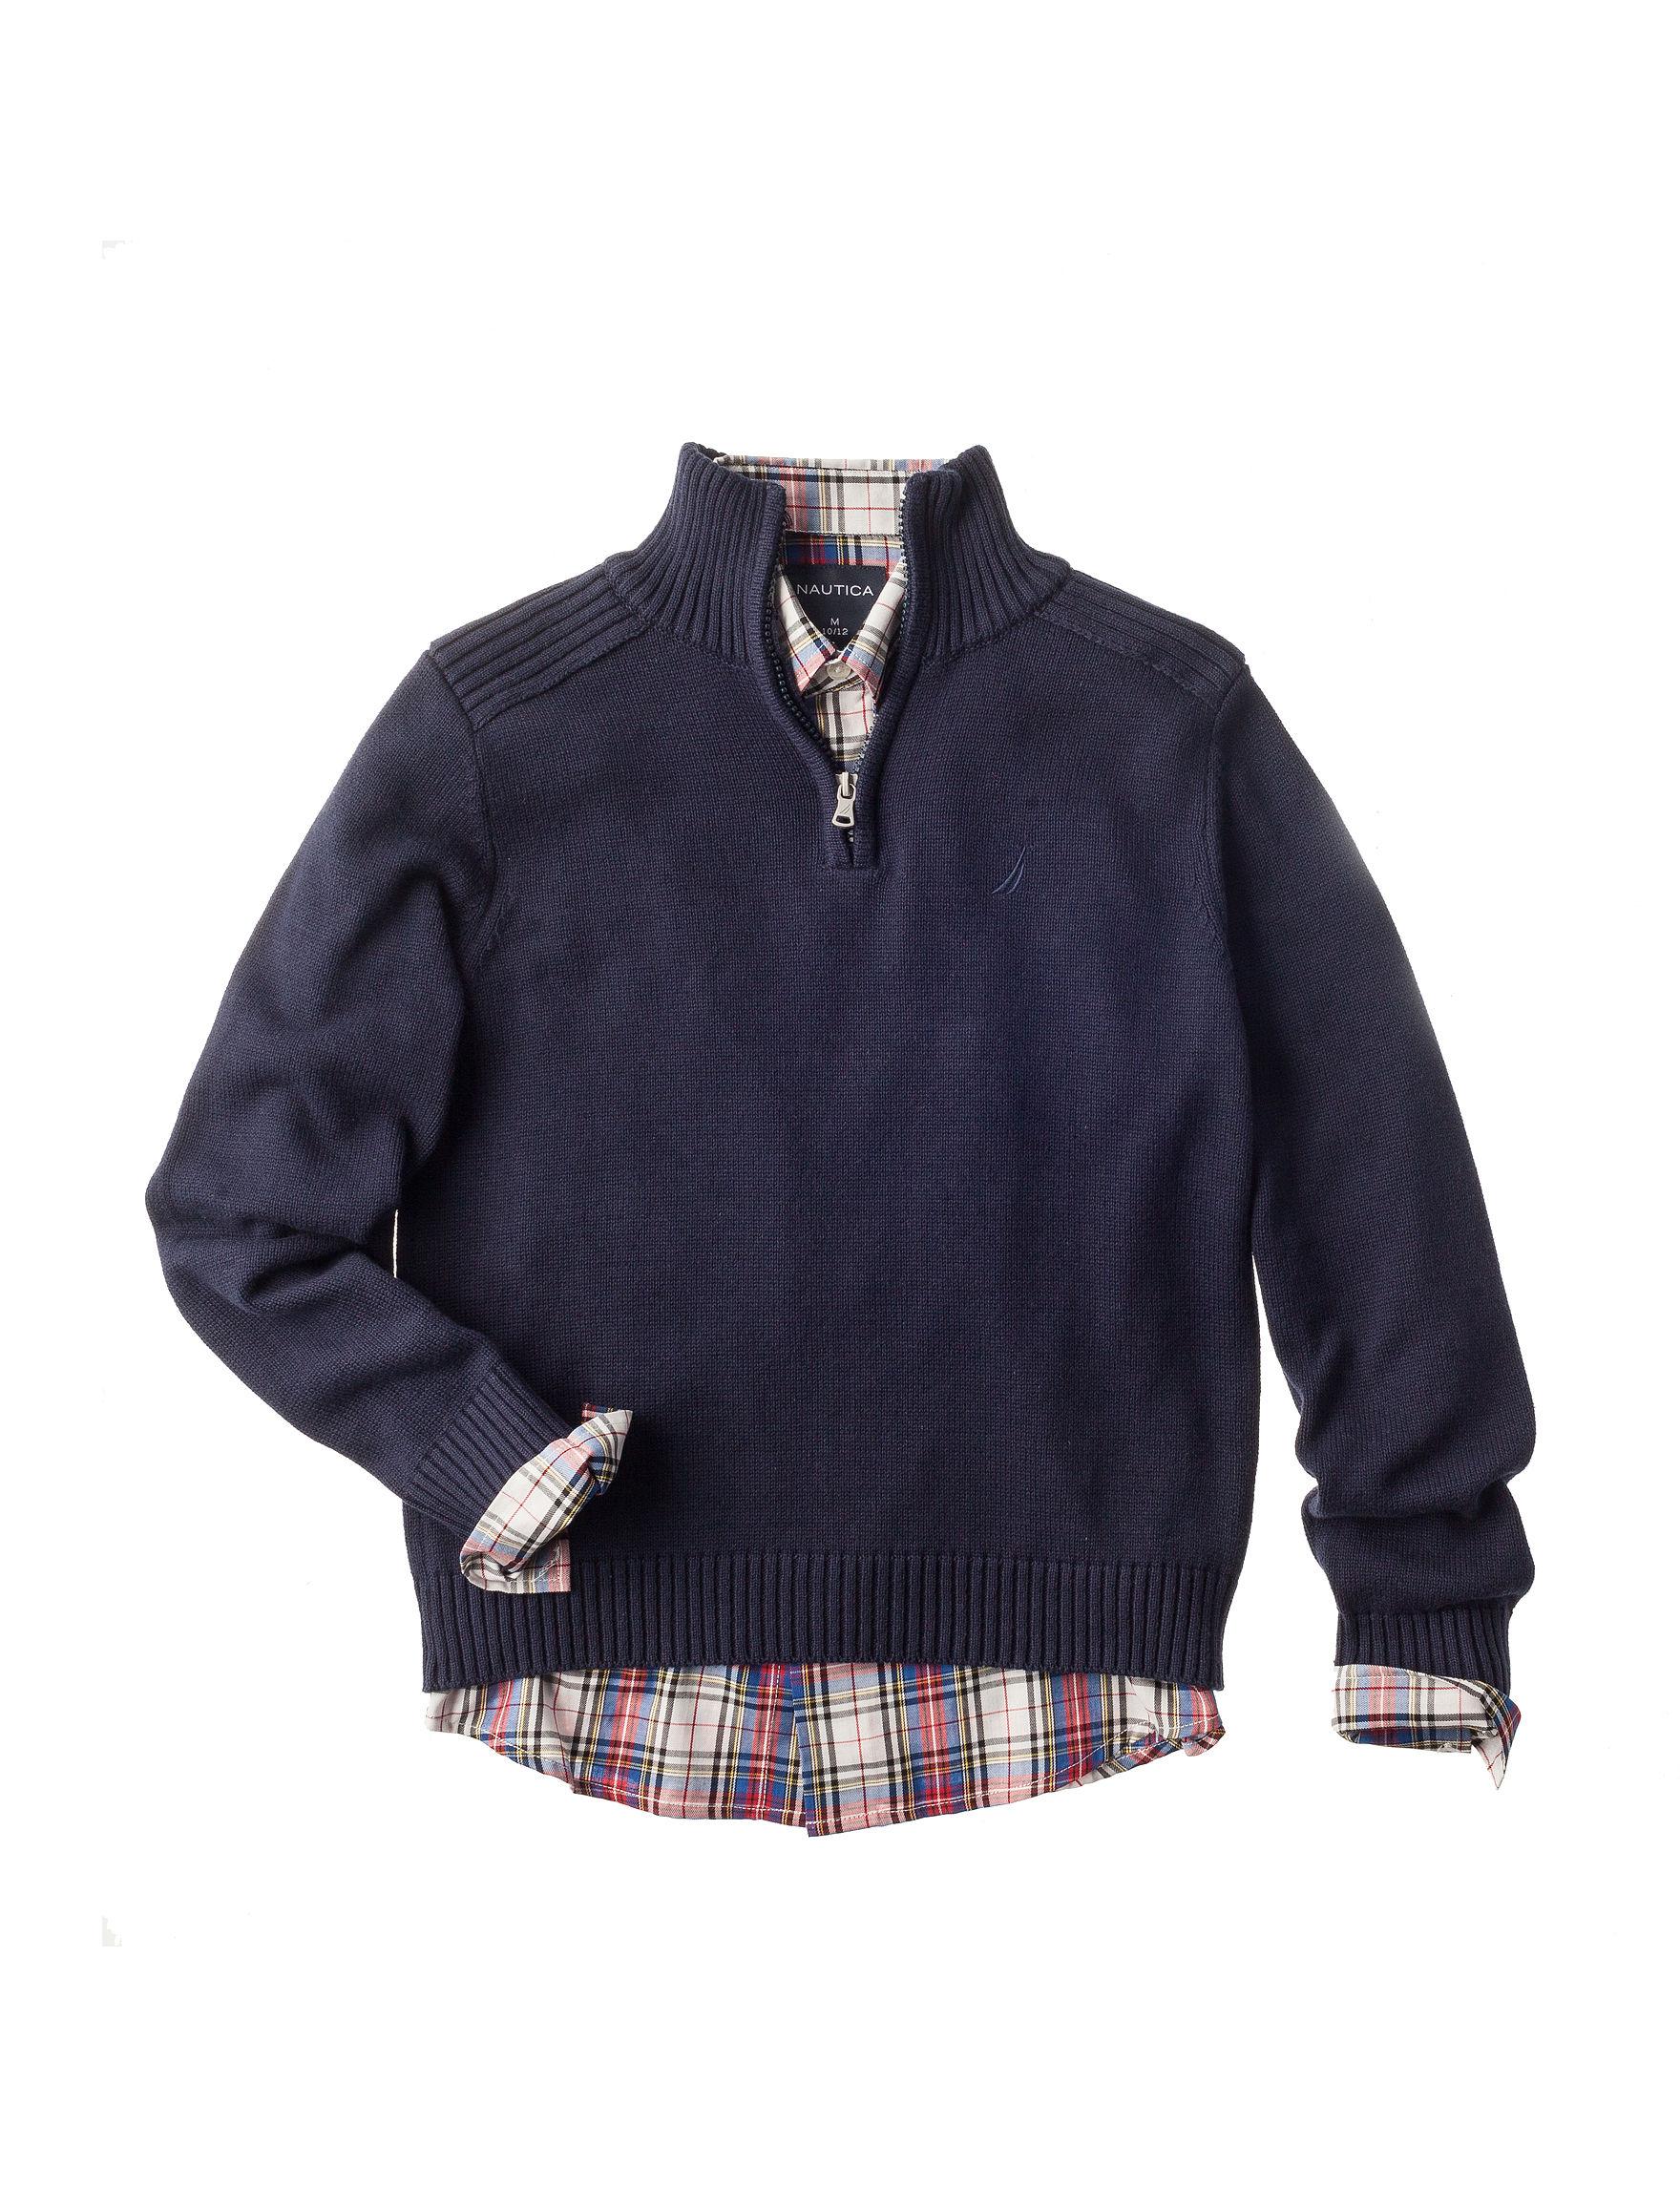 Nautica Navy Sweaters